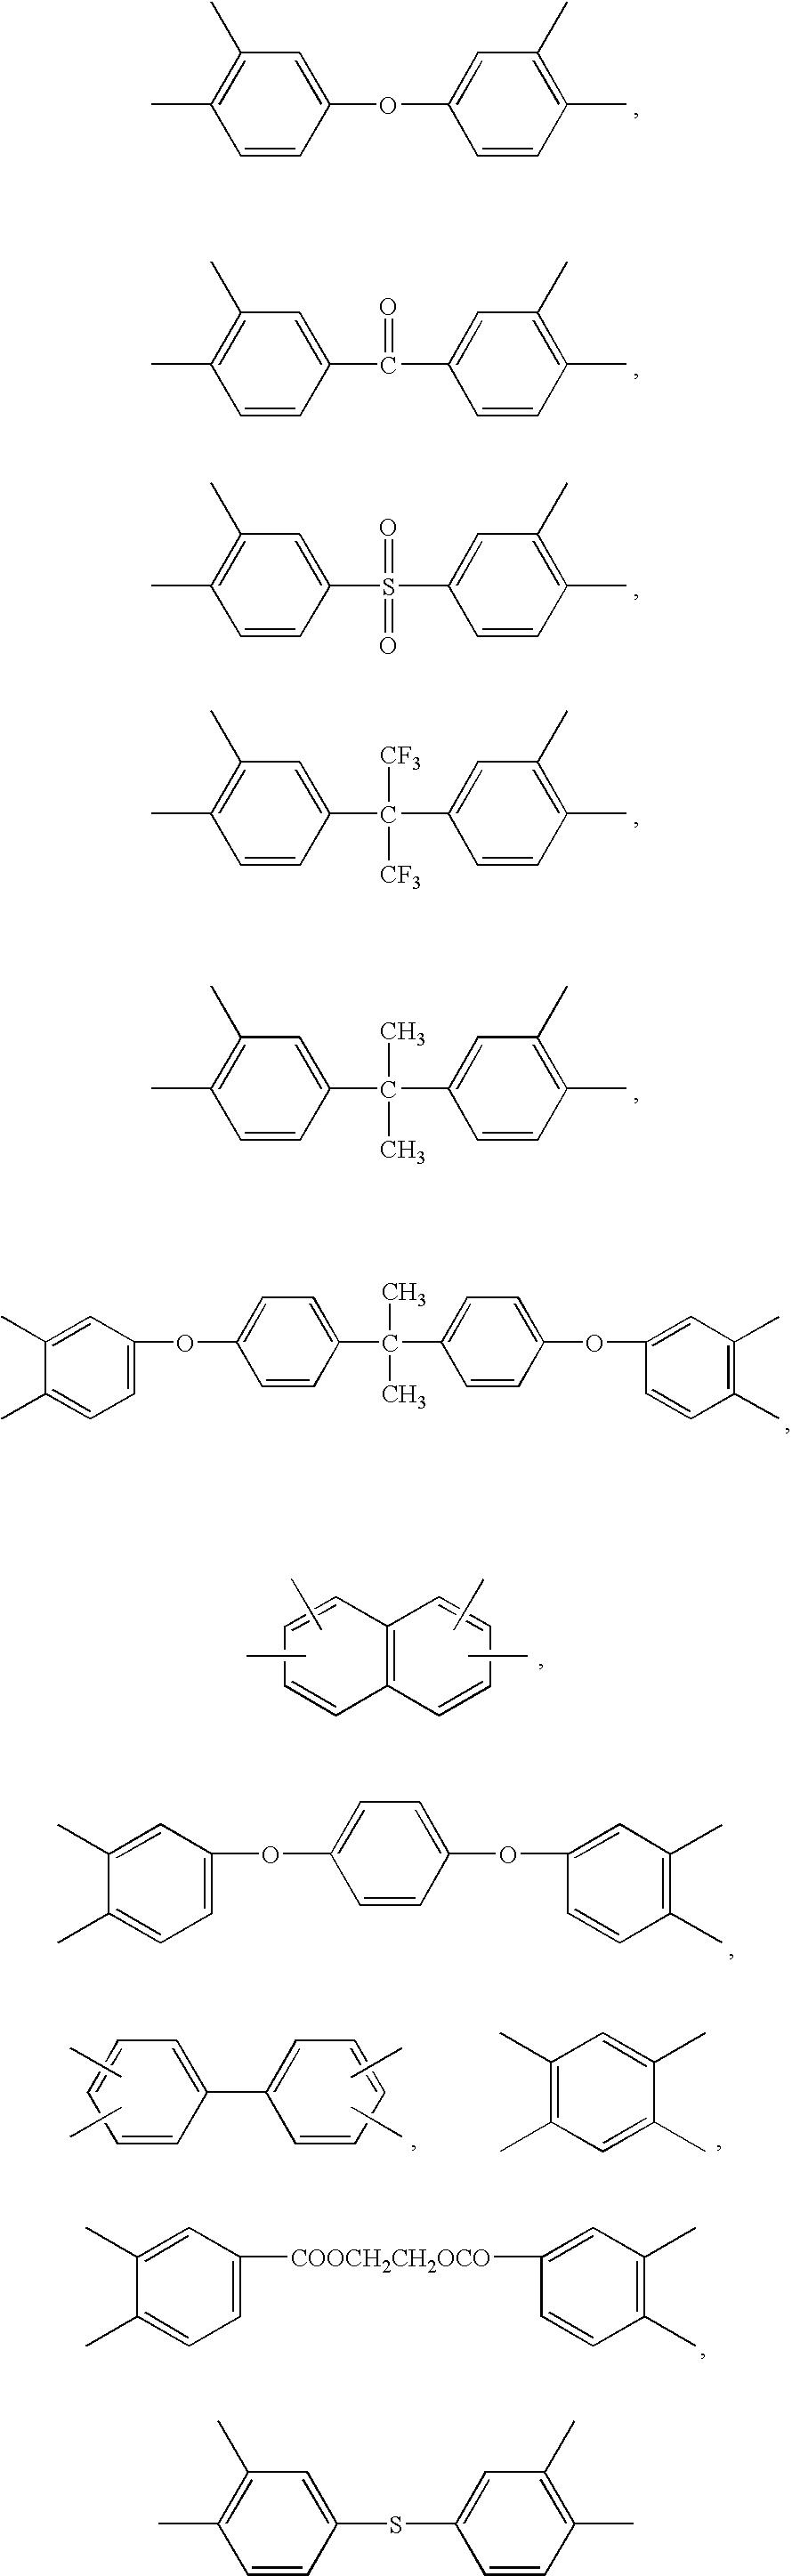 Figure US20100242723A1-20100930-C00008